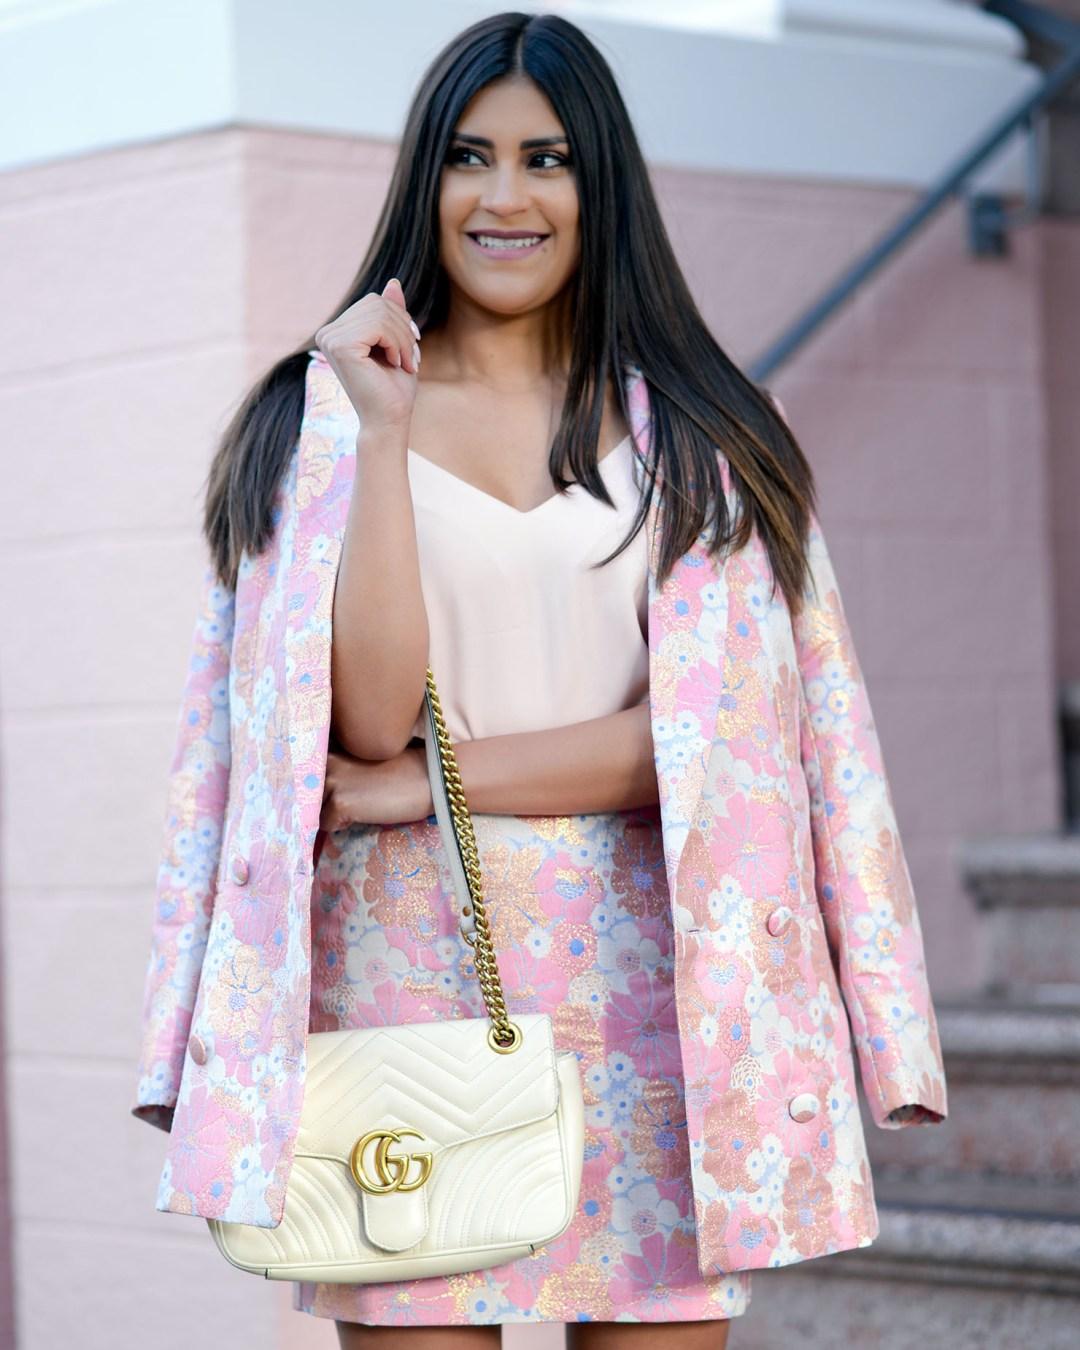 Lifestyle blogger Kelsey Kaplan of Kelsey Kaplan Fashion wearing pink power suit and white gucci purse